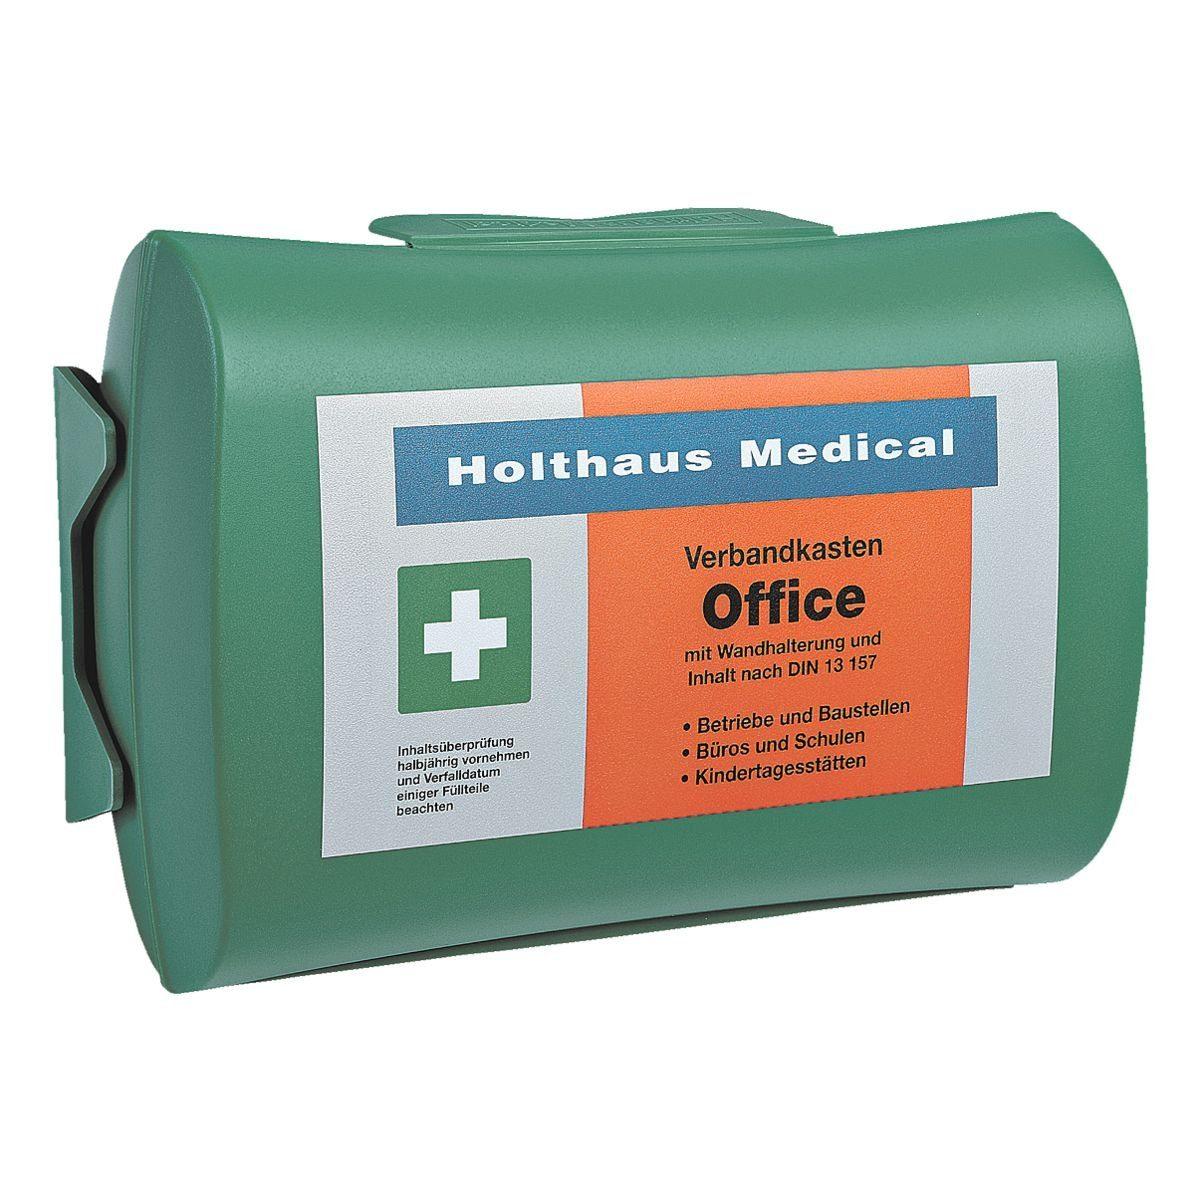 Holthaus Medical Verbandkasten REF 63 158 »Office«